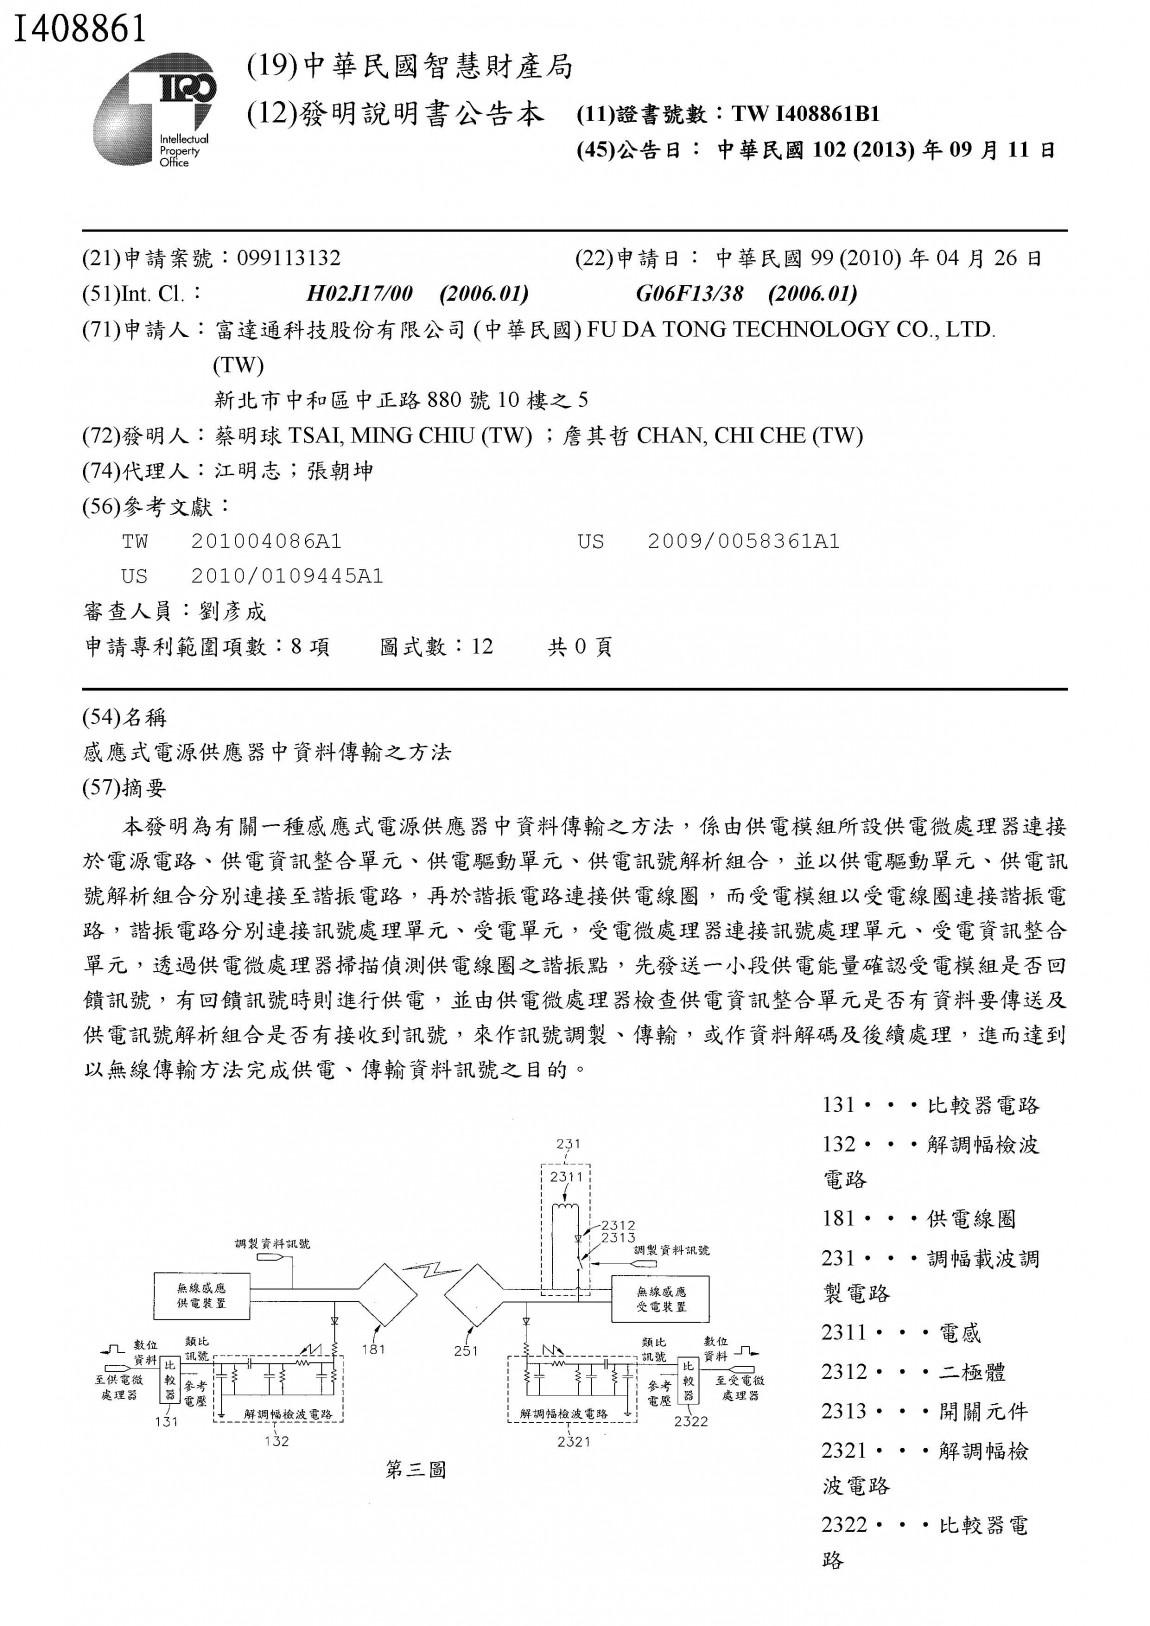 富達通專利05-感應式電源供應器中資料傳輸之方法(台灣)I408861